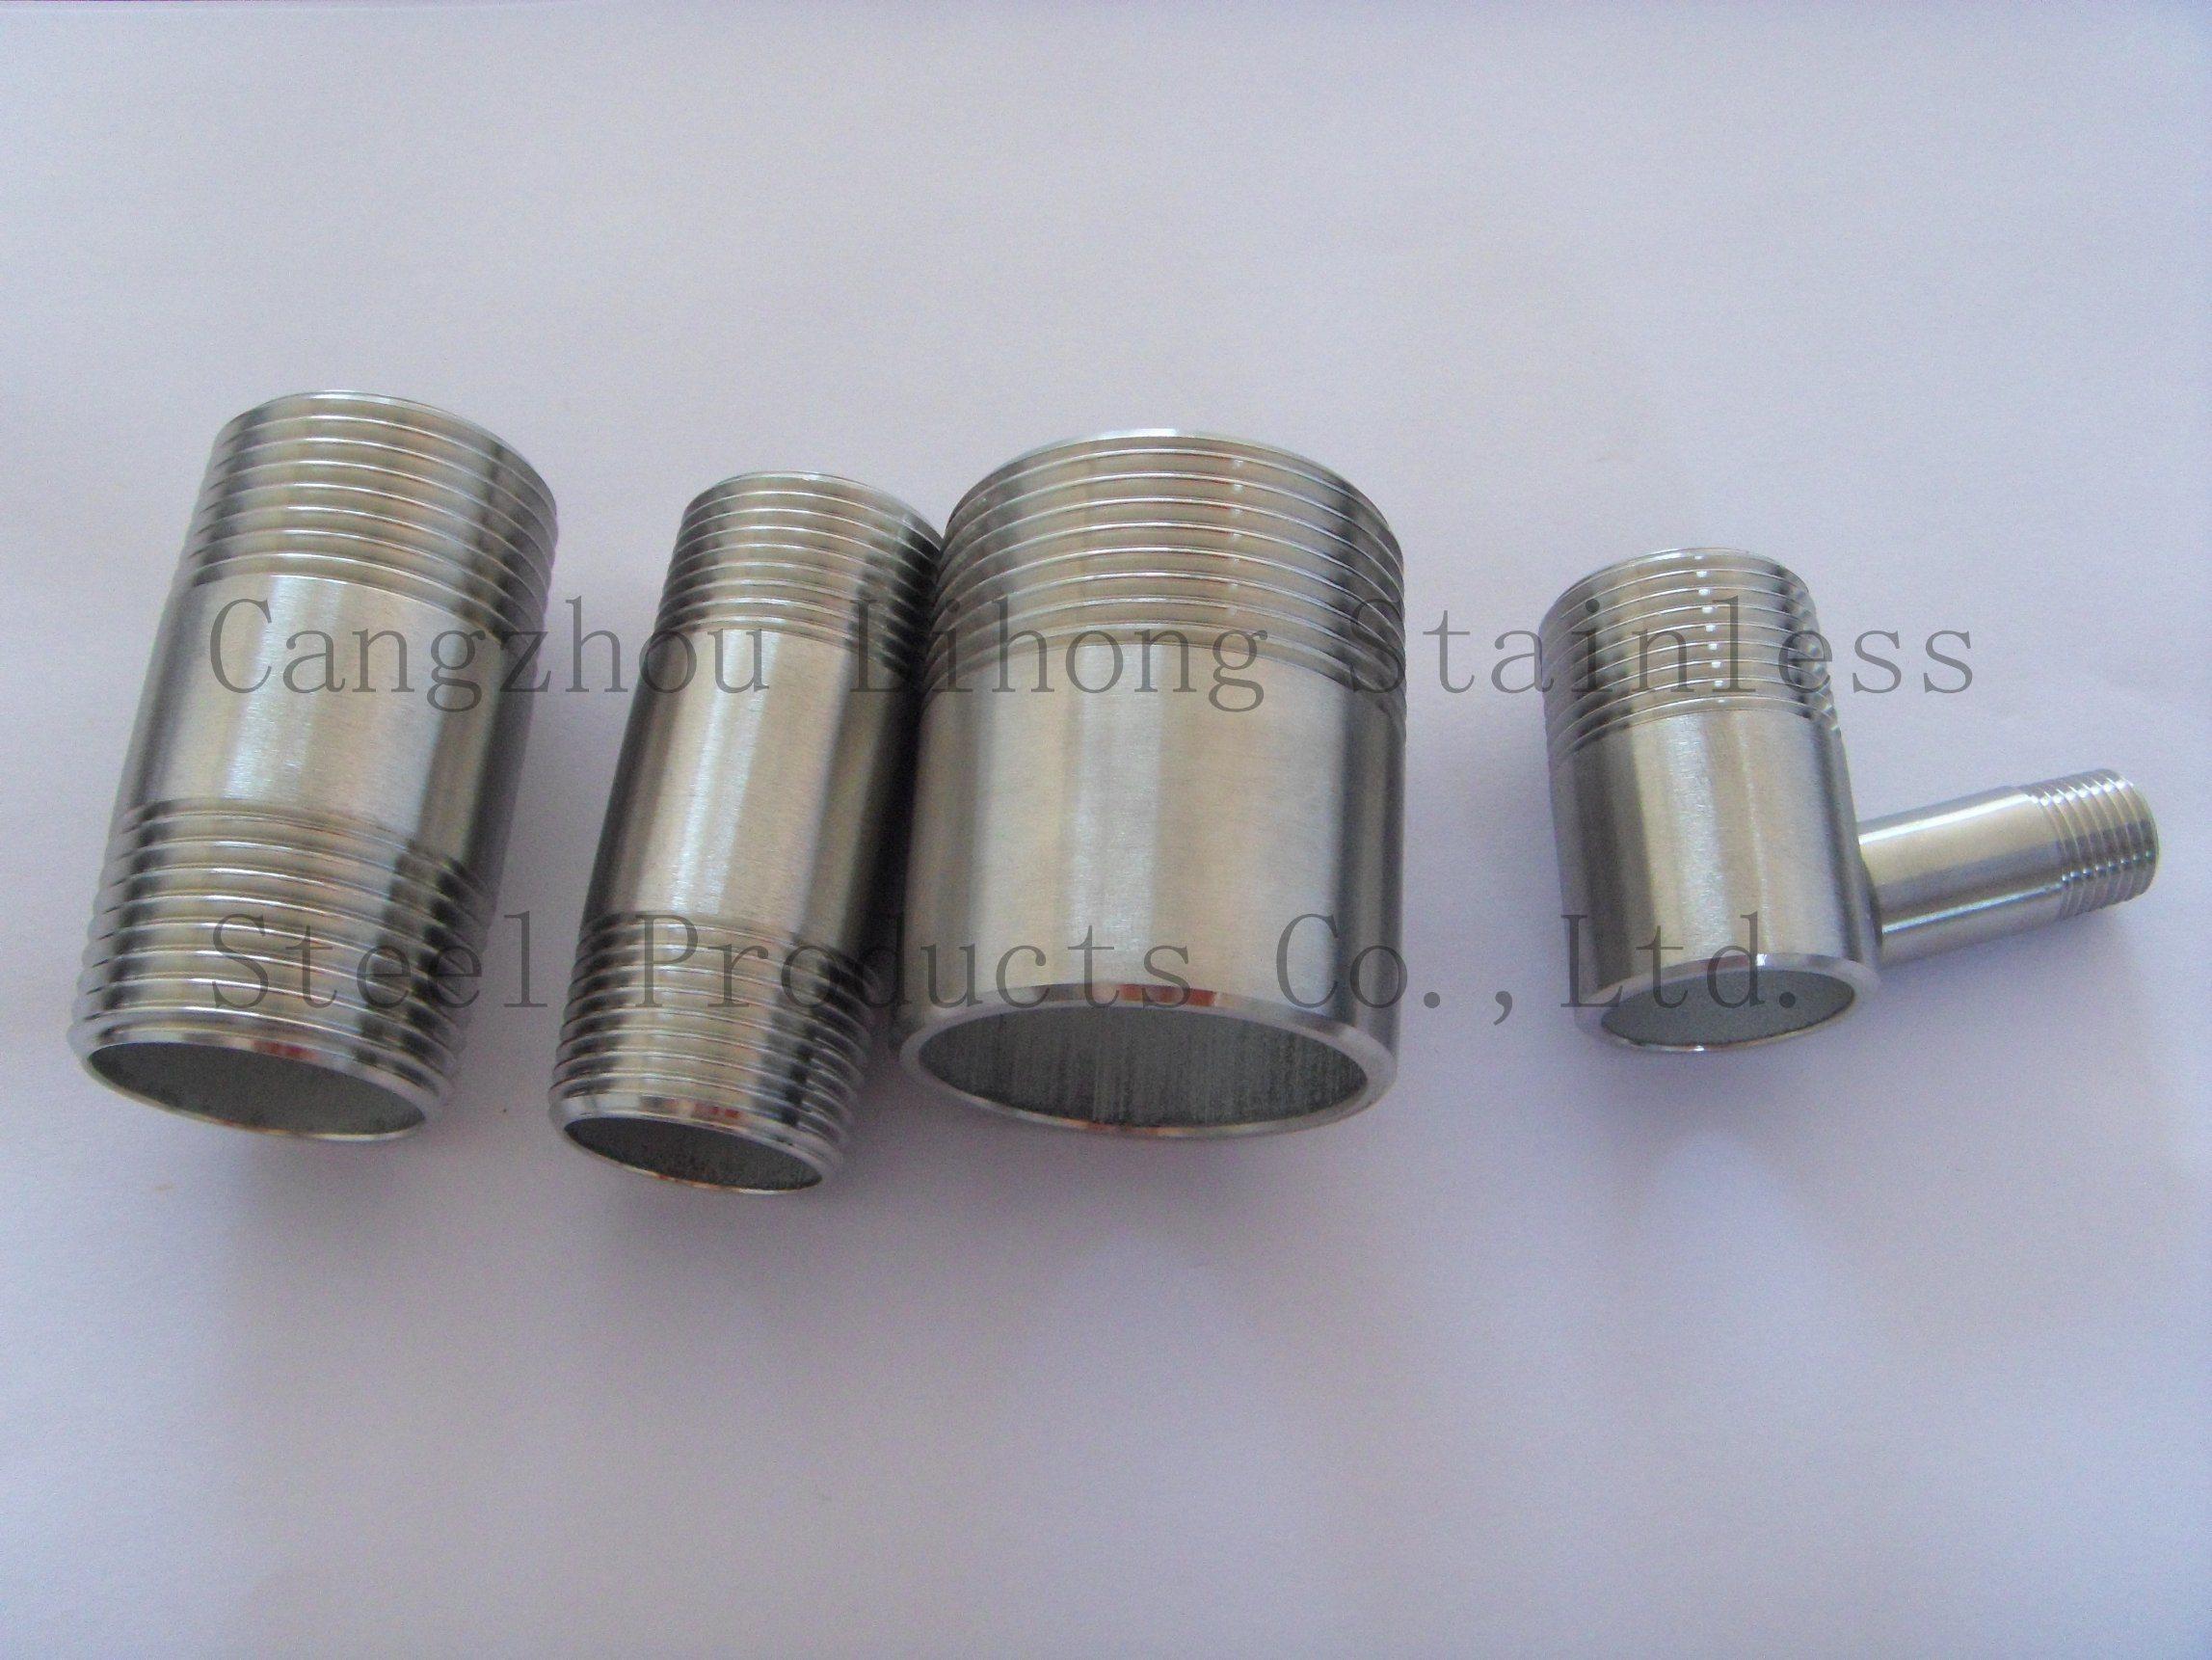 Raccordo per tubi in acciaio inox 316ti con nipplo di saldatura